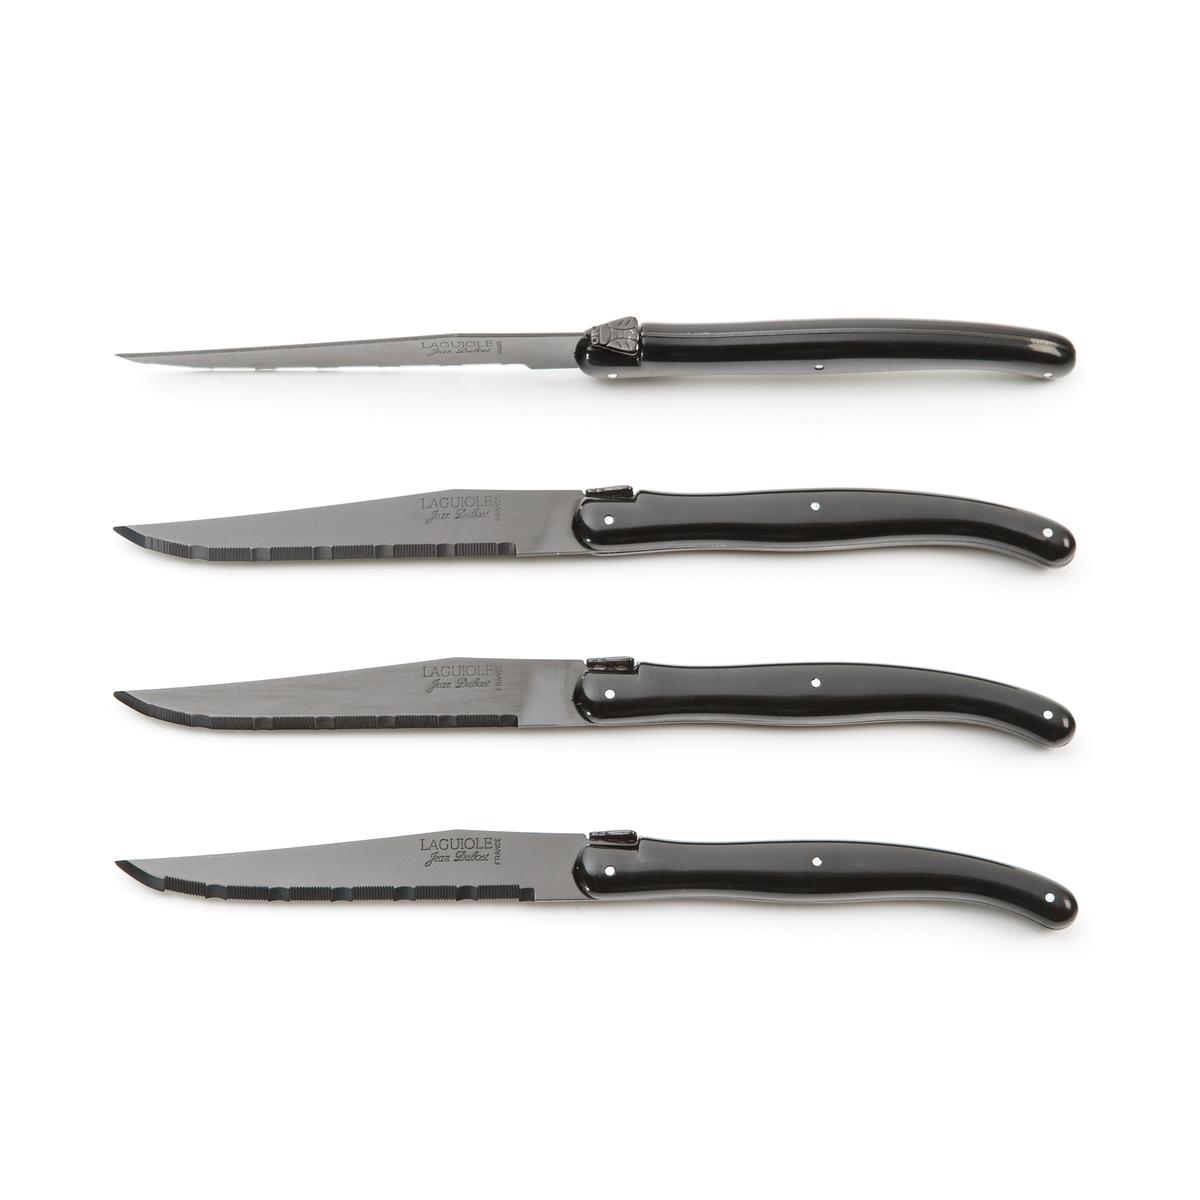 Комплект из 4 ножей, LASIA LaRedoute La Redoute единый размер черный пуф la redoute из шерсти carito единый размер серый